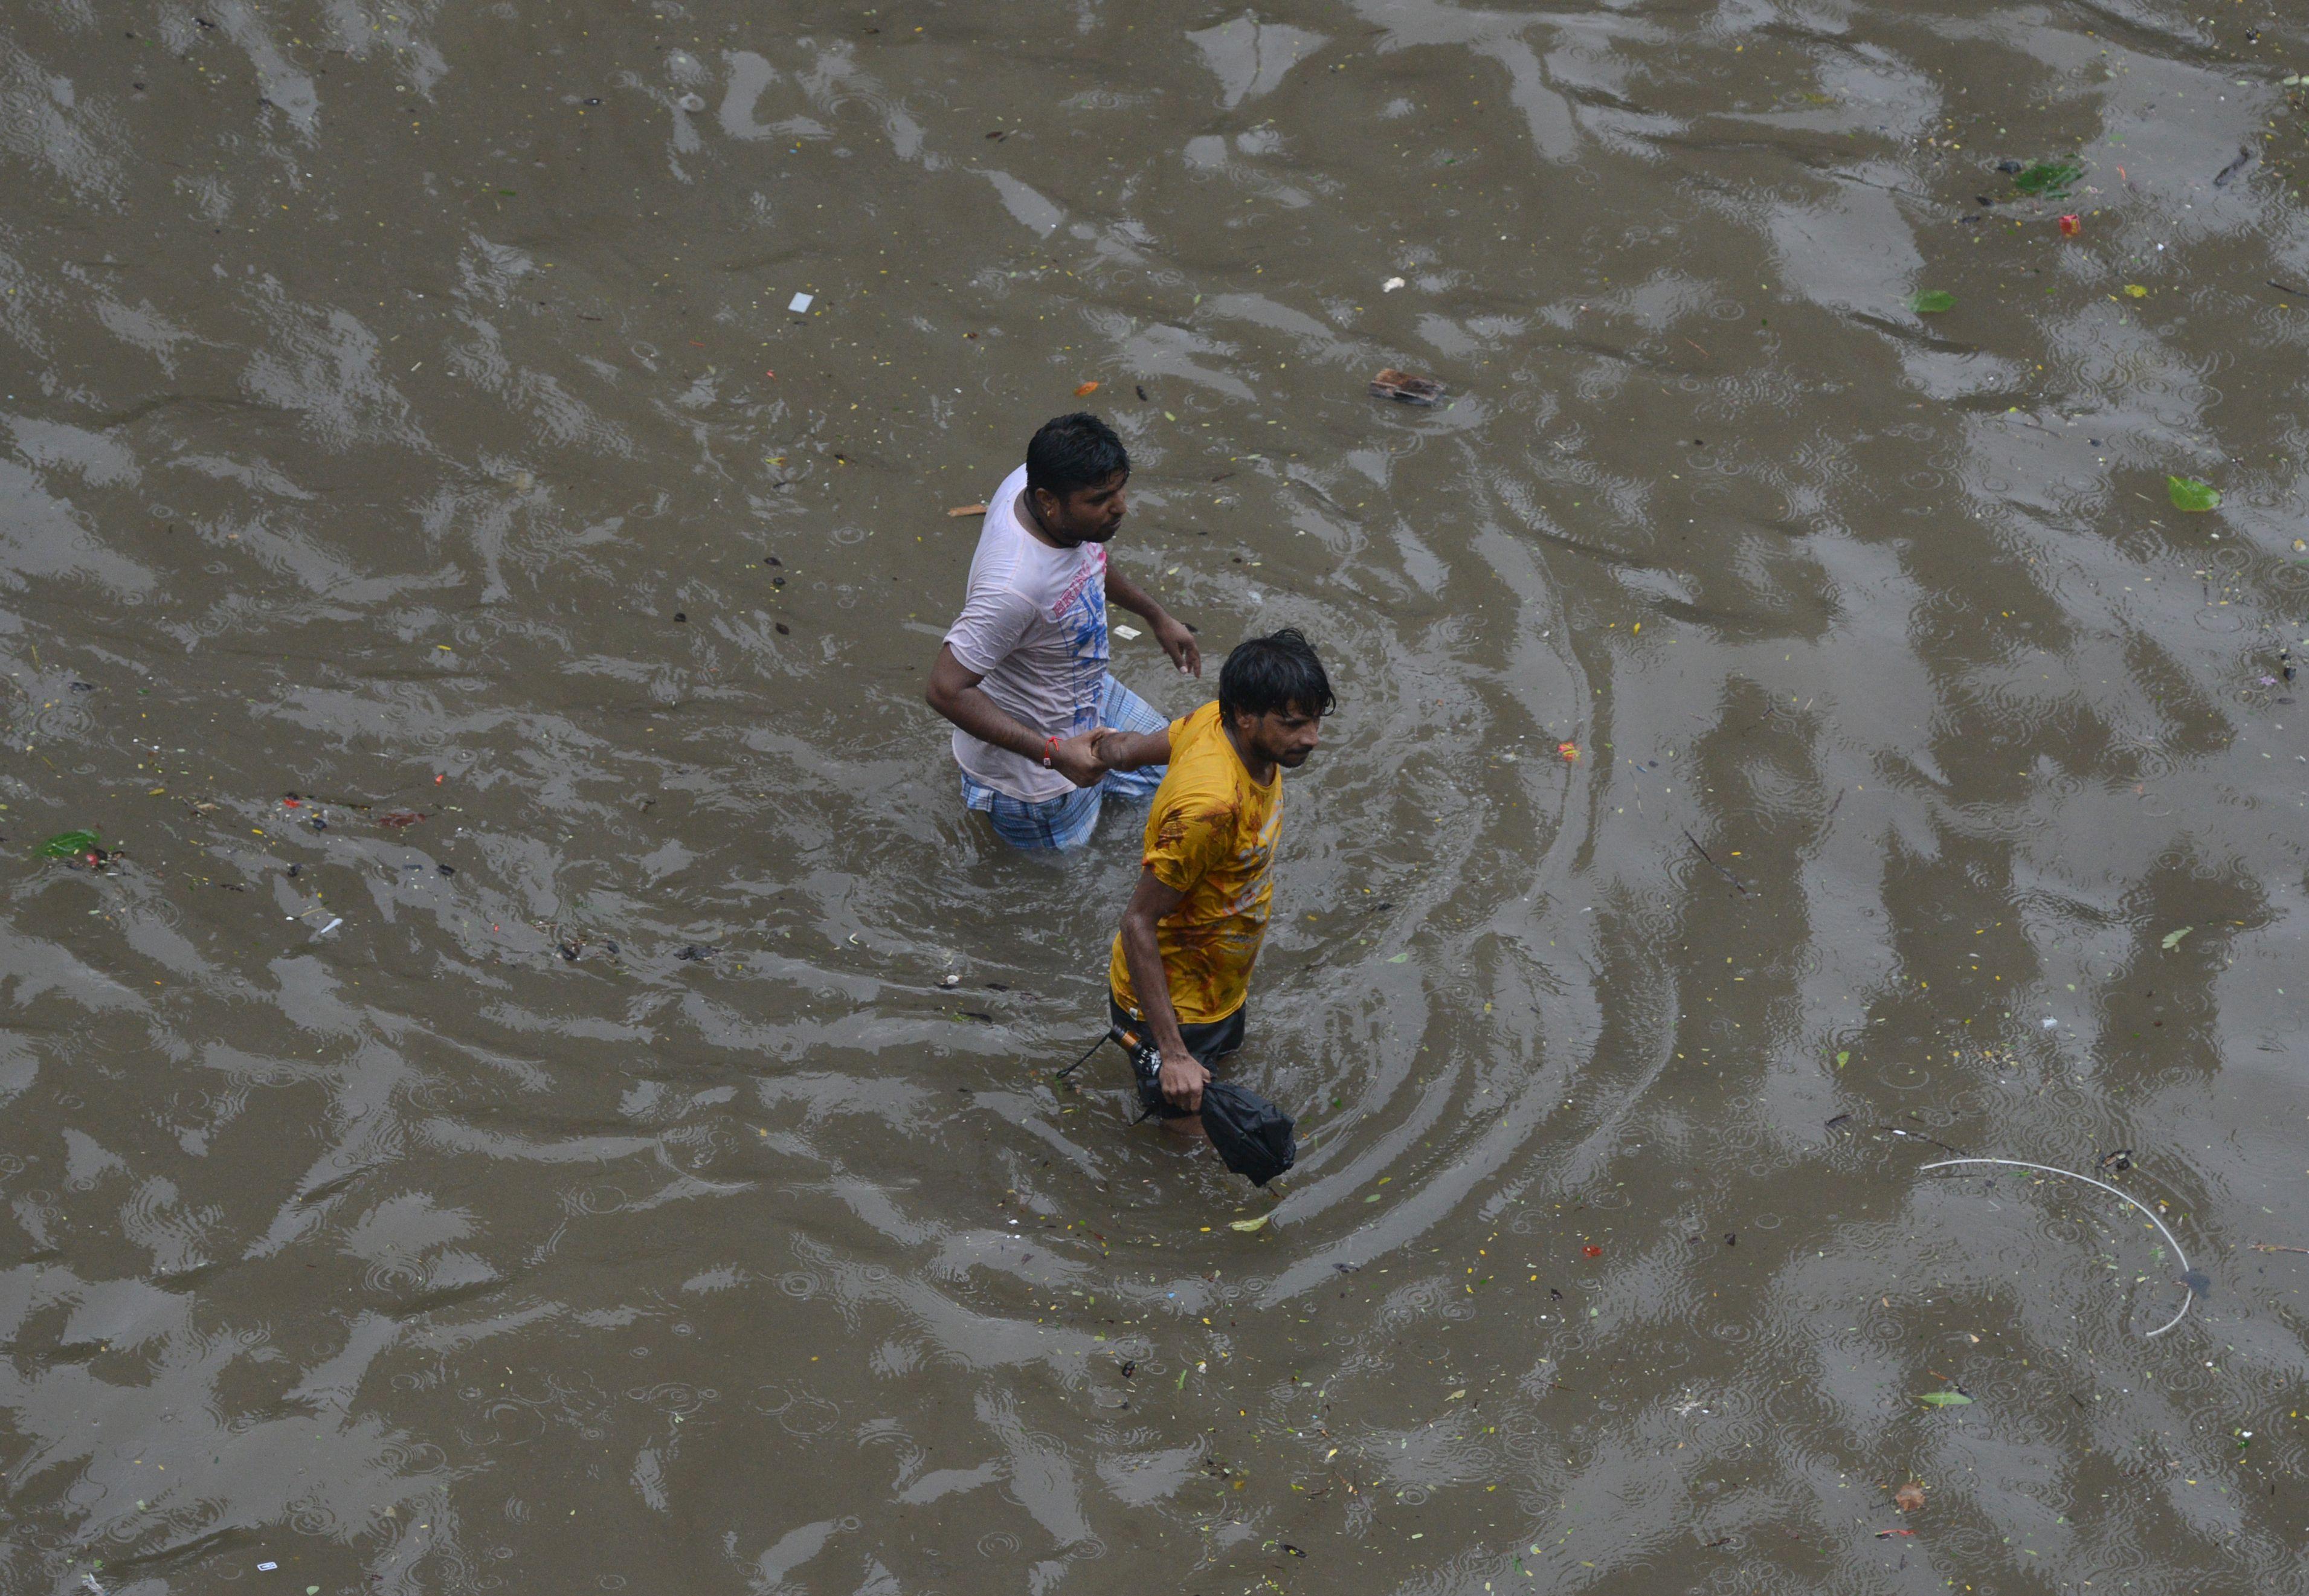 غرق مواطنين فى الأمطار الهندية